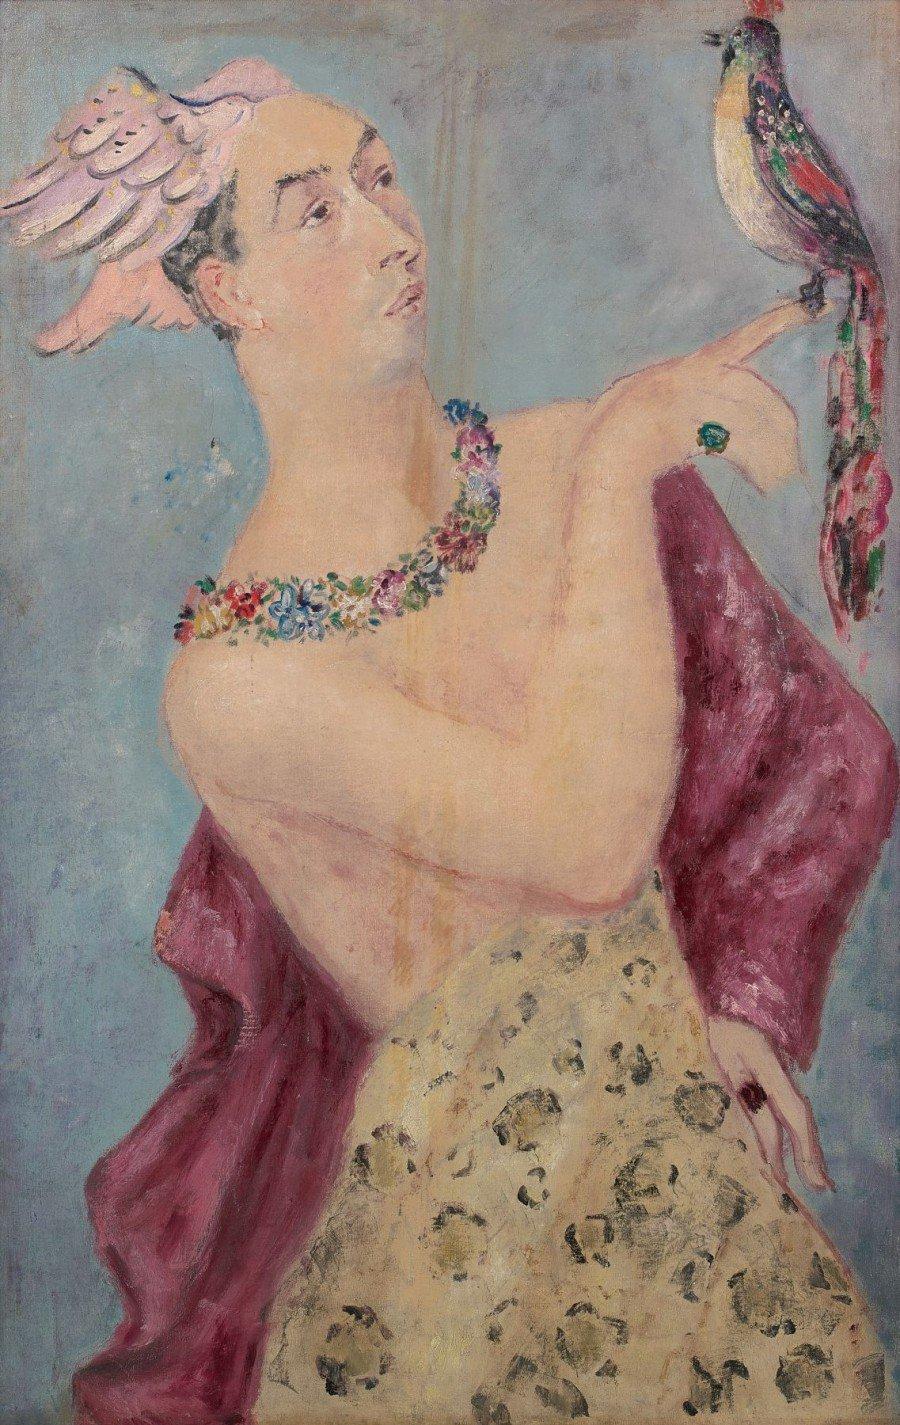 Hermès ou Le travesti à l'oiseau, par Leonor Fini, huile sur toile, 1932